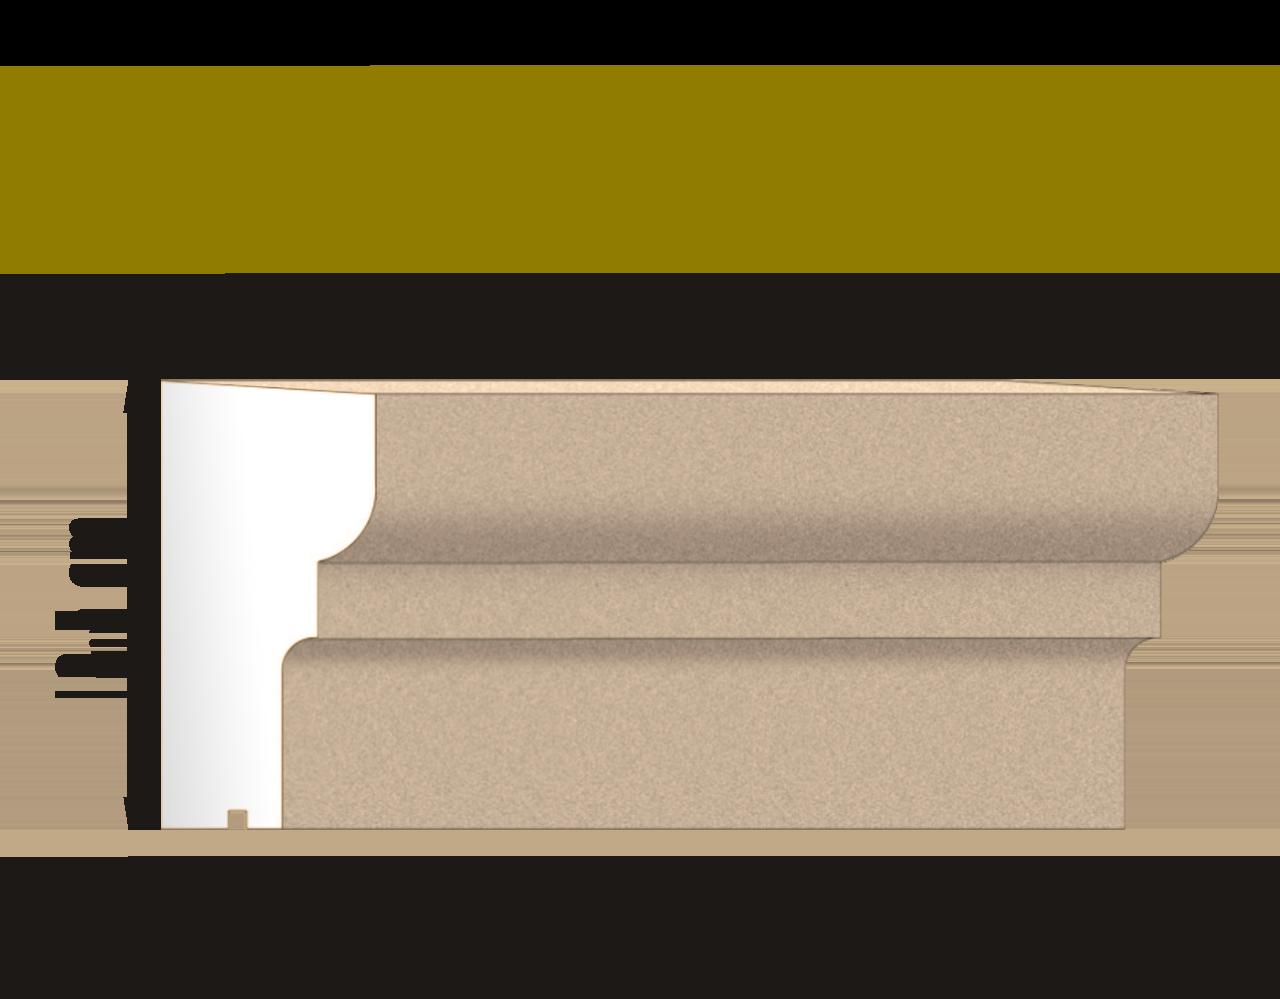 SAN-F-219